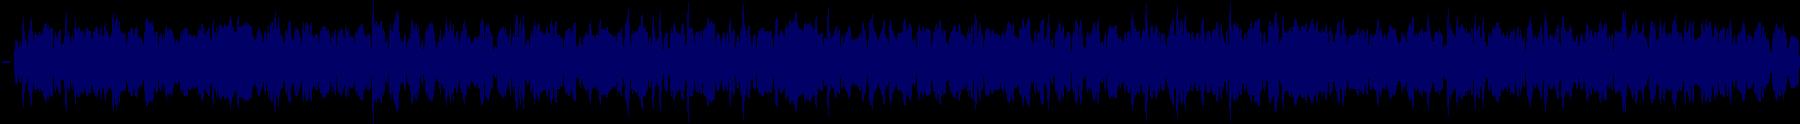 waveform of track #66377